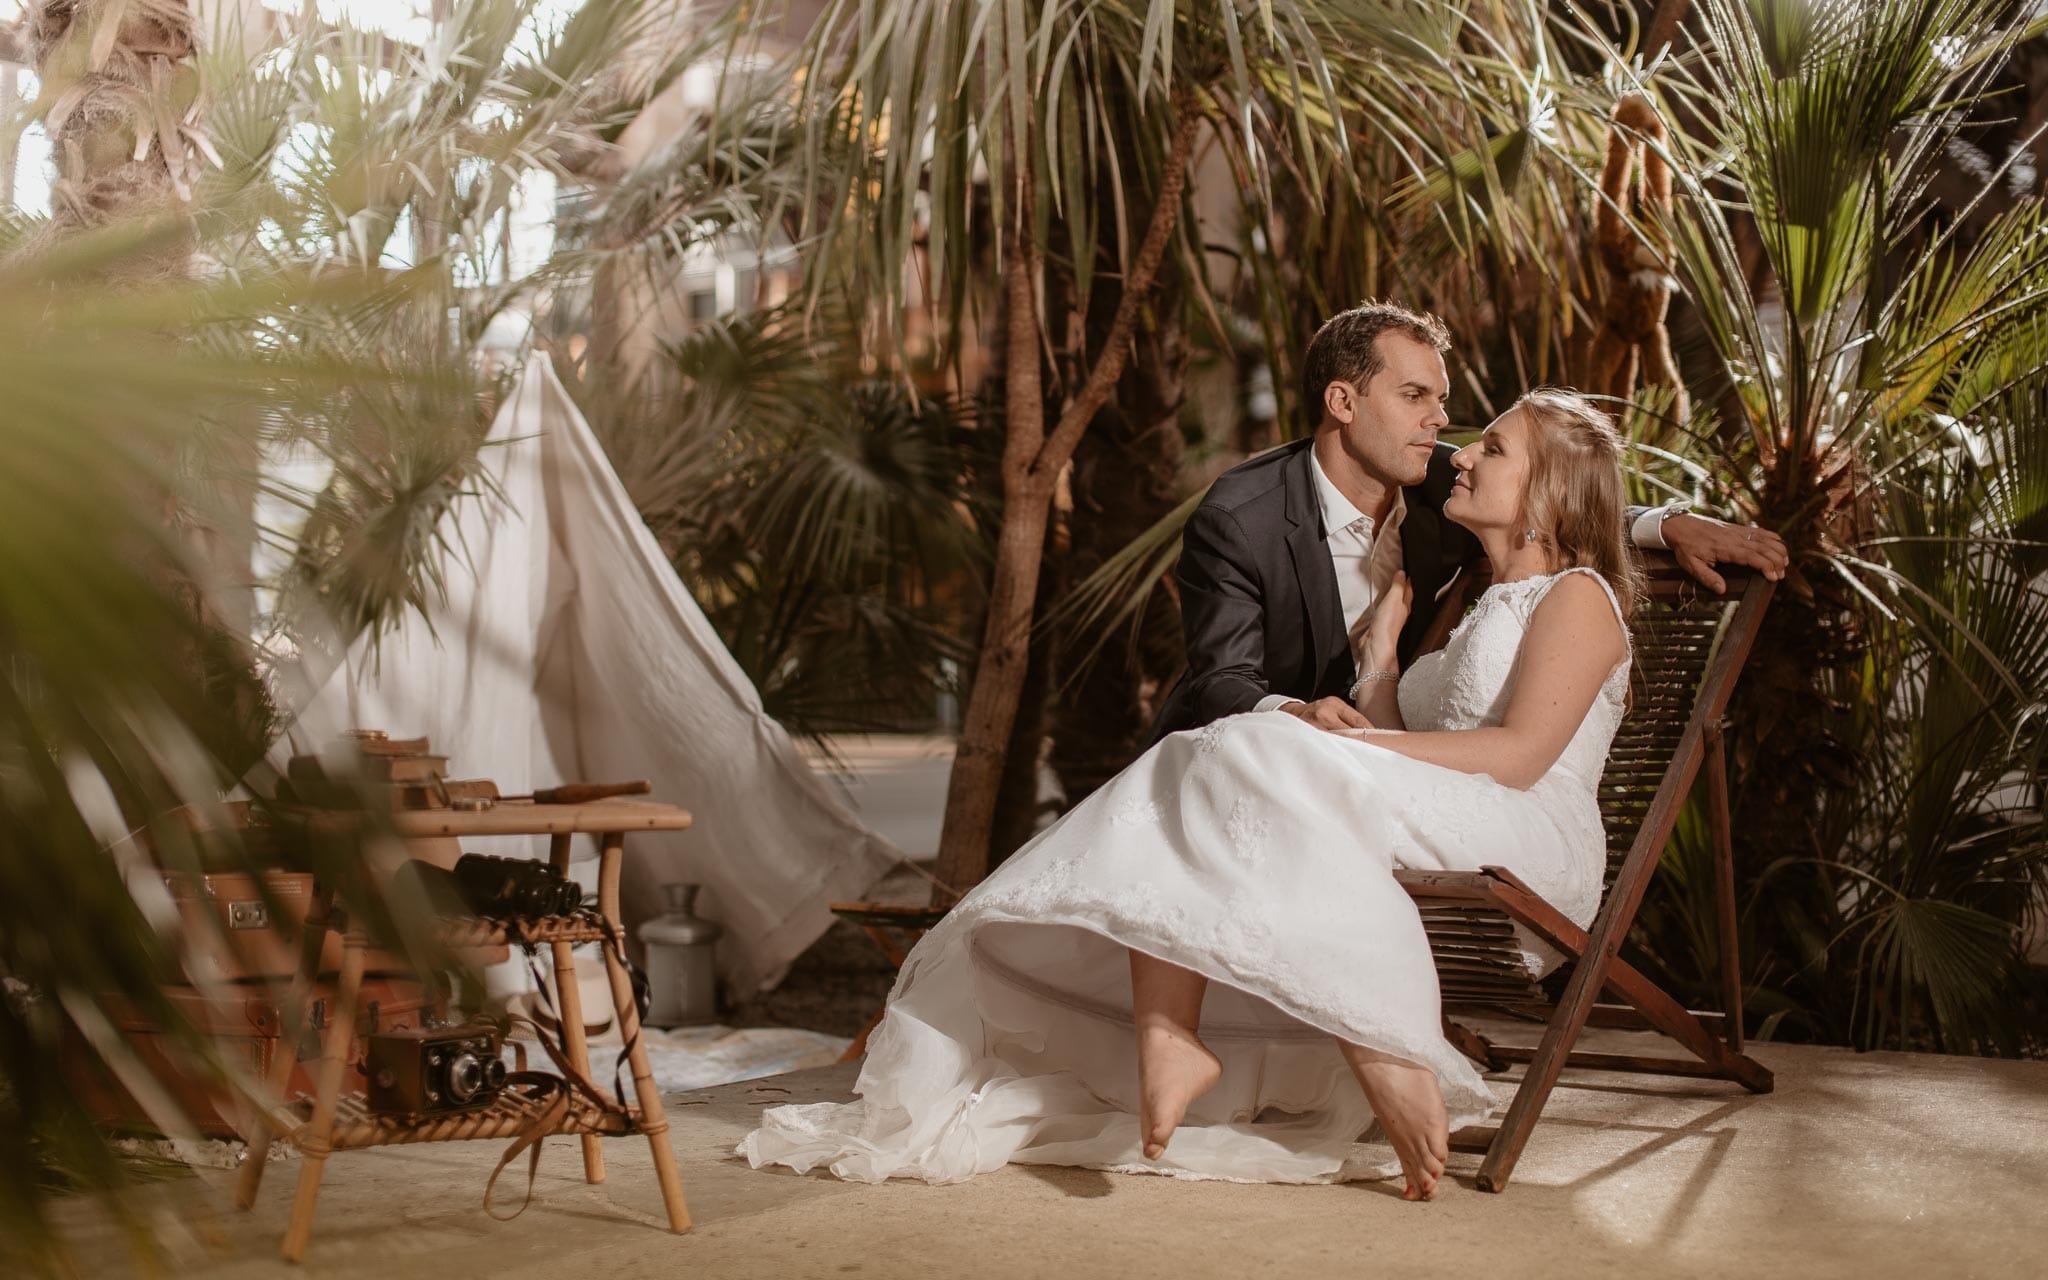 photo d'une séance couple après mariage mise en scène poétique & romantique sur le thème du voyage sous les nefs à Nantes par Geoffrey Arnoldy photographe